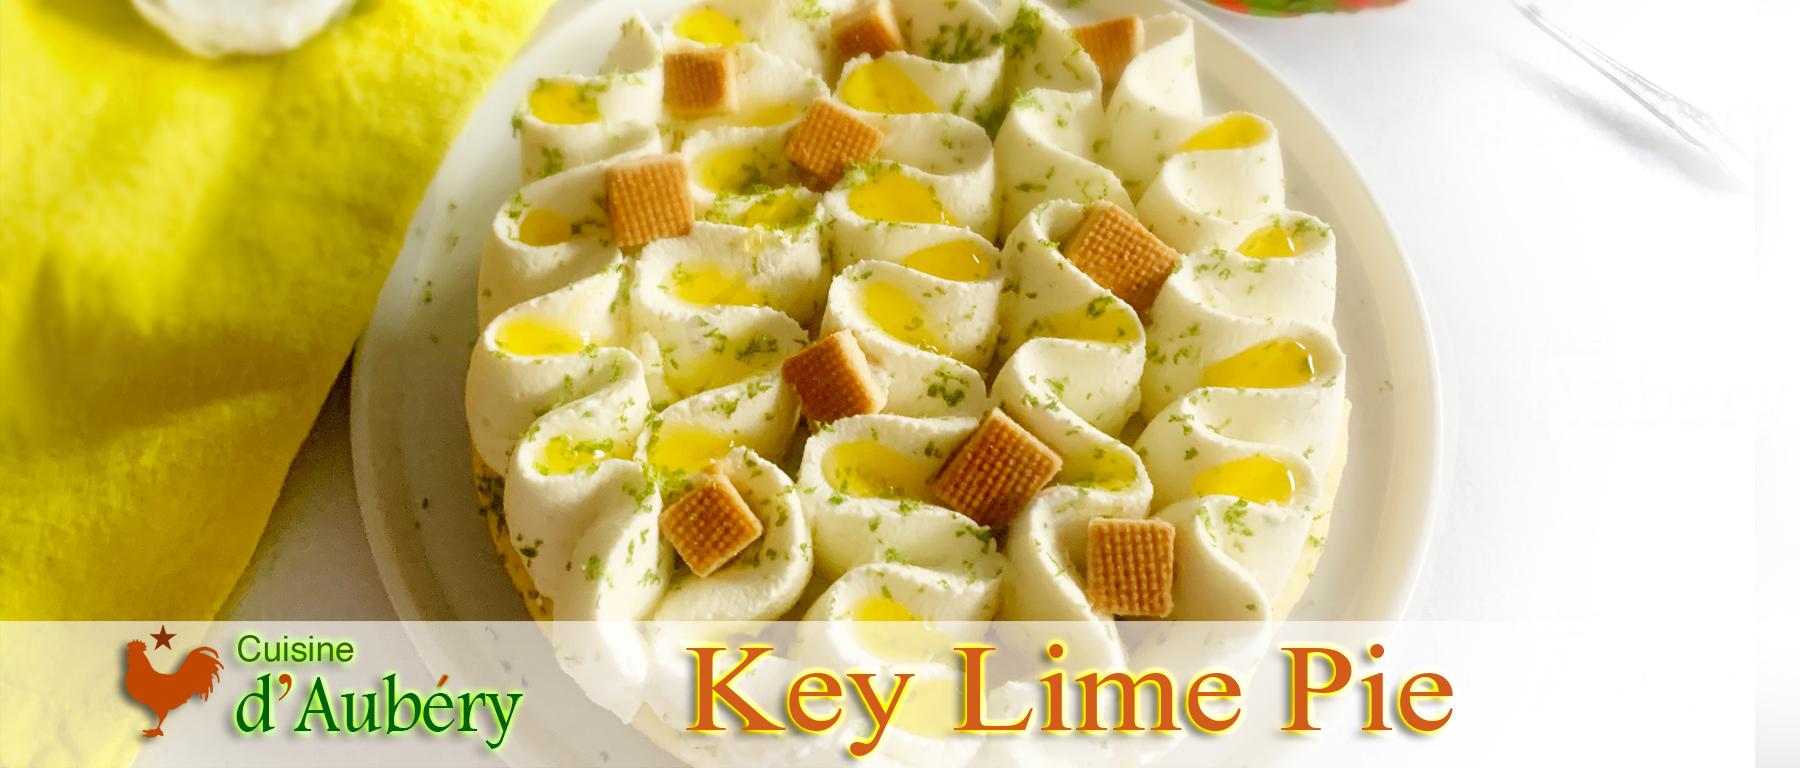 La tarte Key Lime Pie de Christophe Michalak